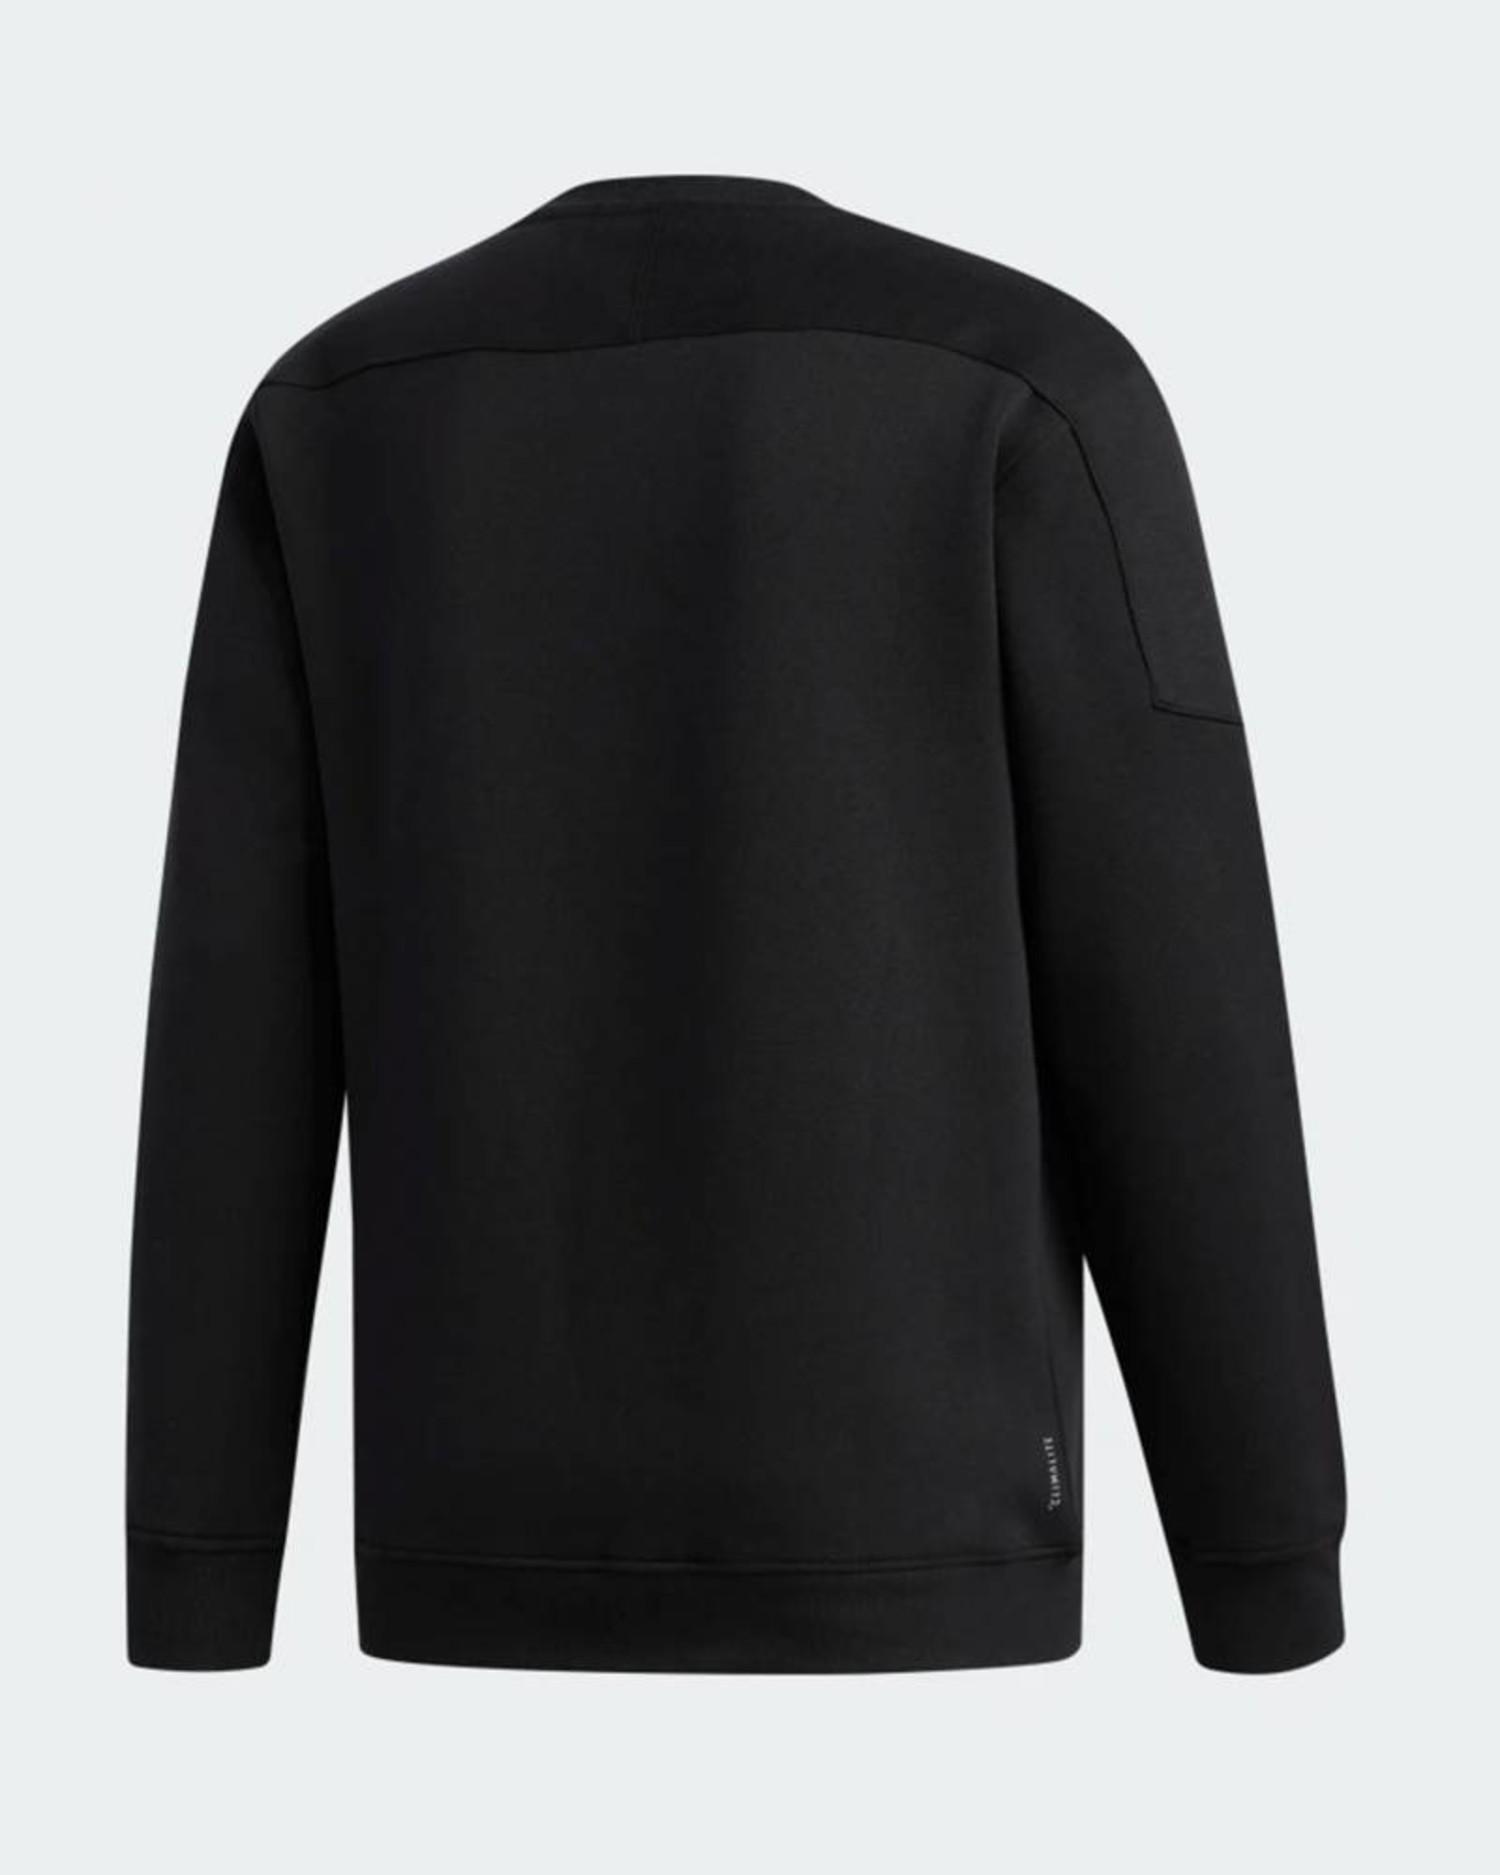 adidas x Evisen Crewneck black/scarle